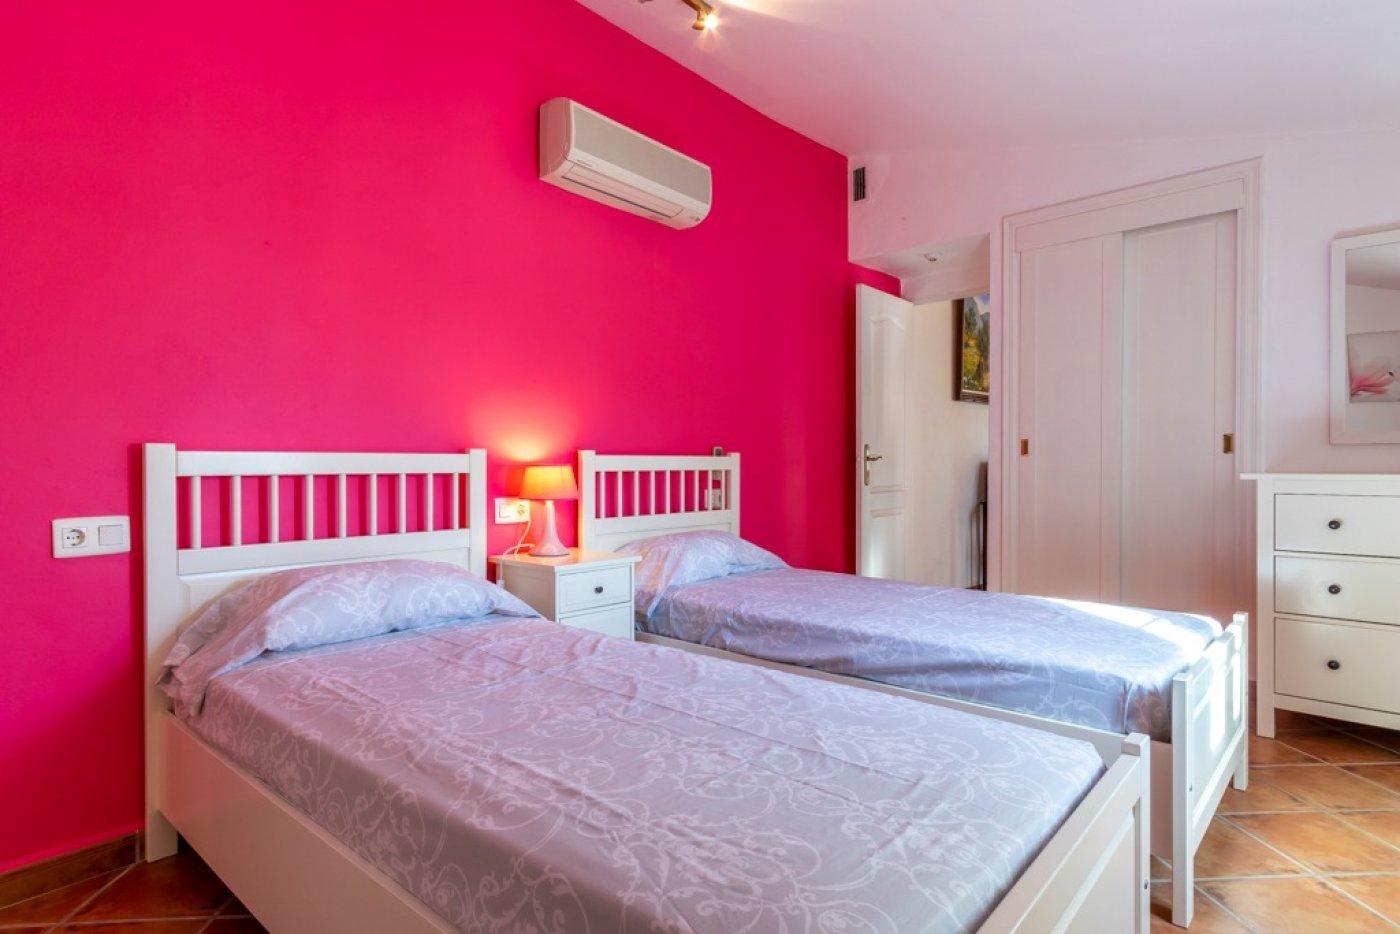 Magnifica villa en ses salines - can somni - ideal inversores turÍsticos - imagenInmueble23